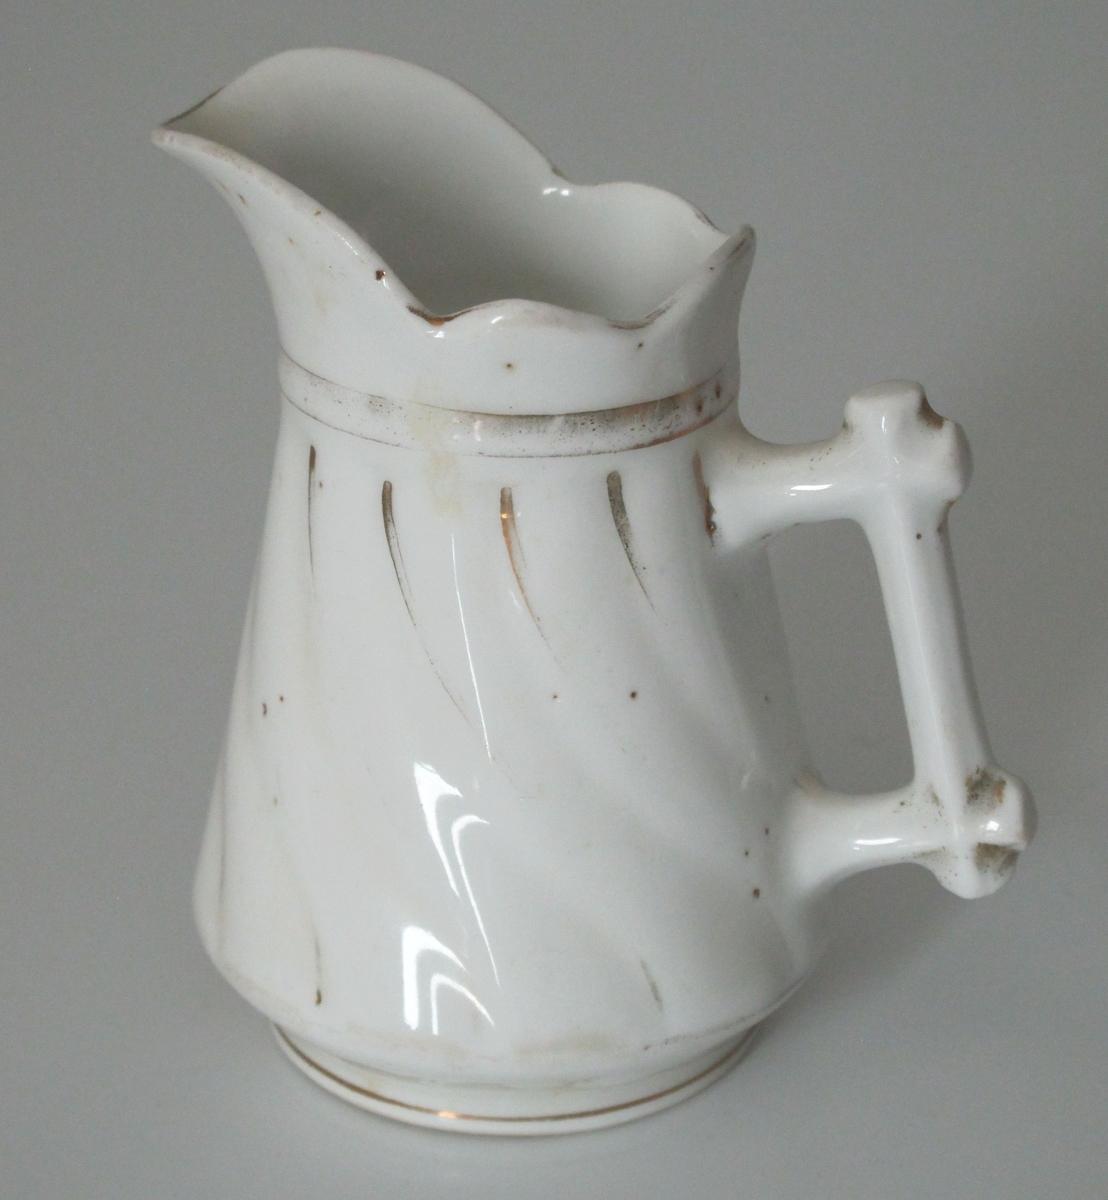 """Fløtemugge av porselen, hvit glasur med avslitt gull. Skrå sider med svungne riller med gullstriper.  Tuniet kontur øverst og bred tut. """"Laftet"""" hank."""